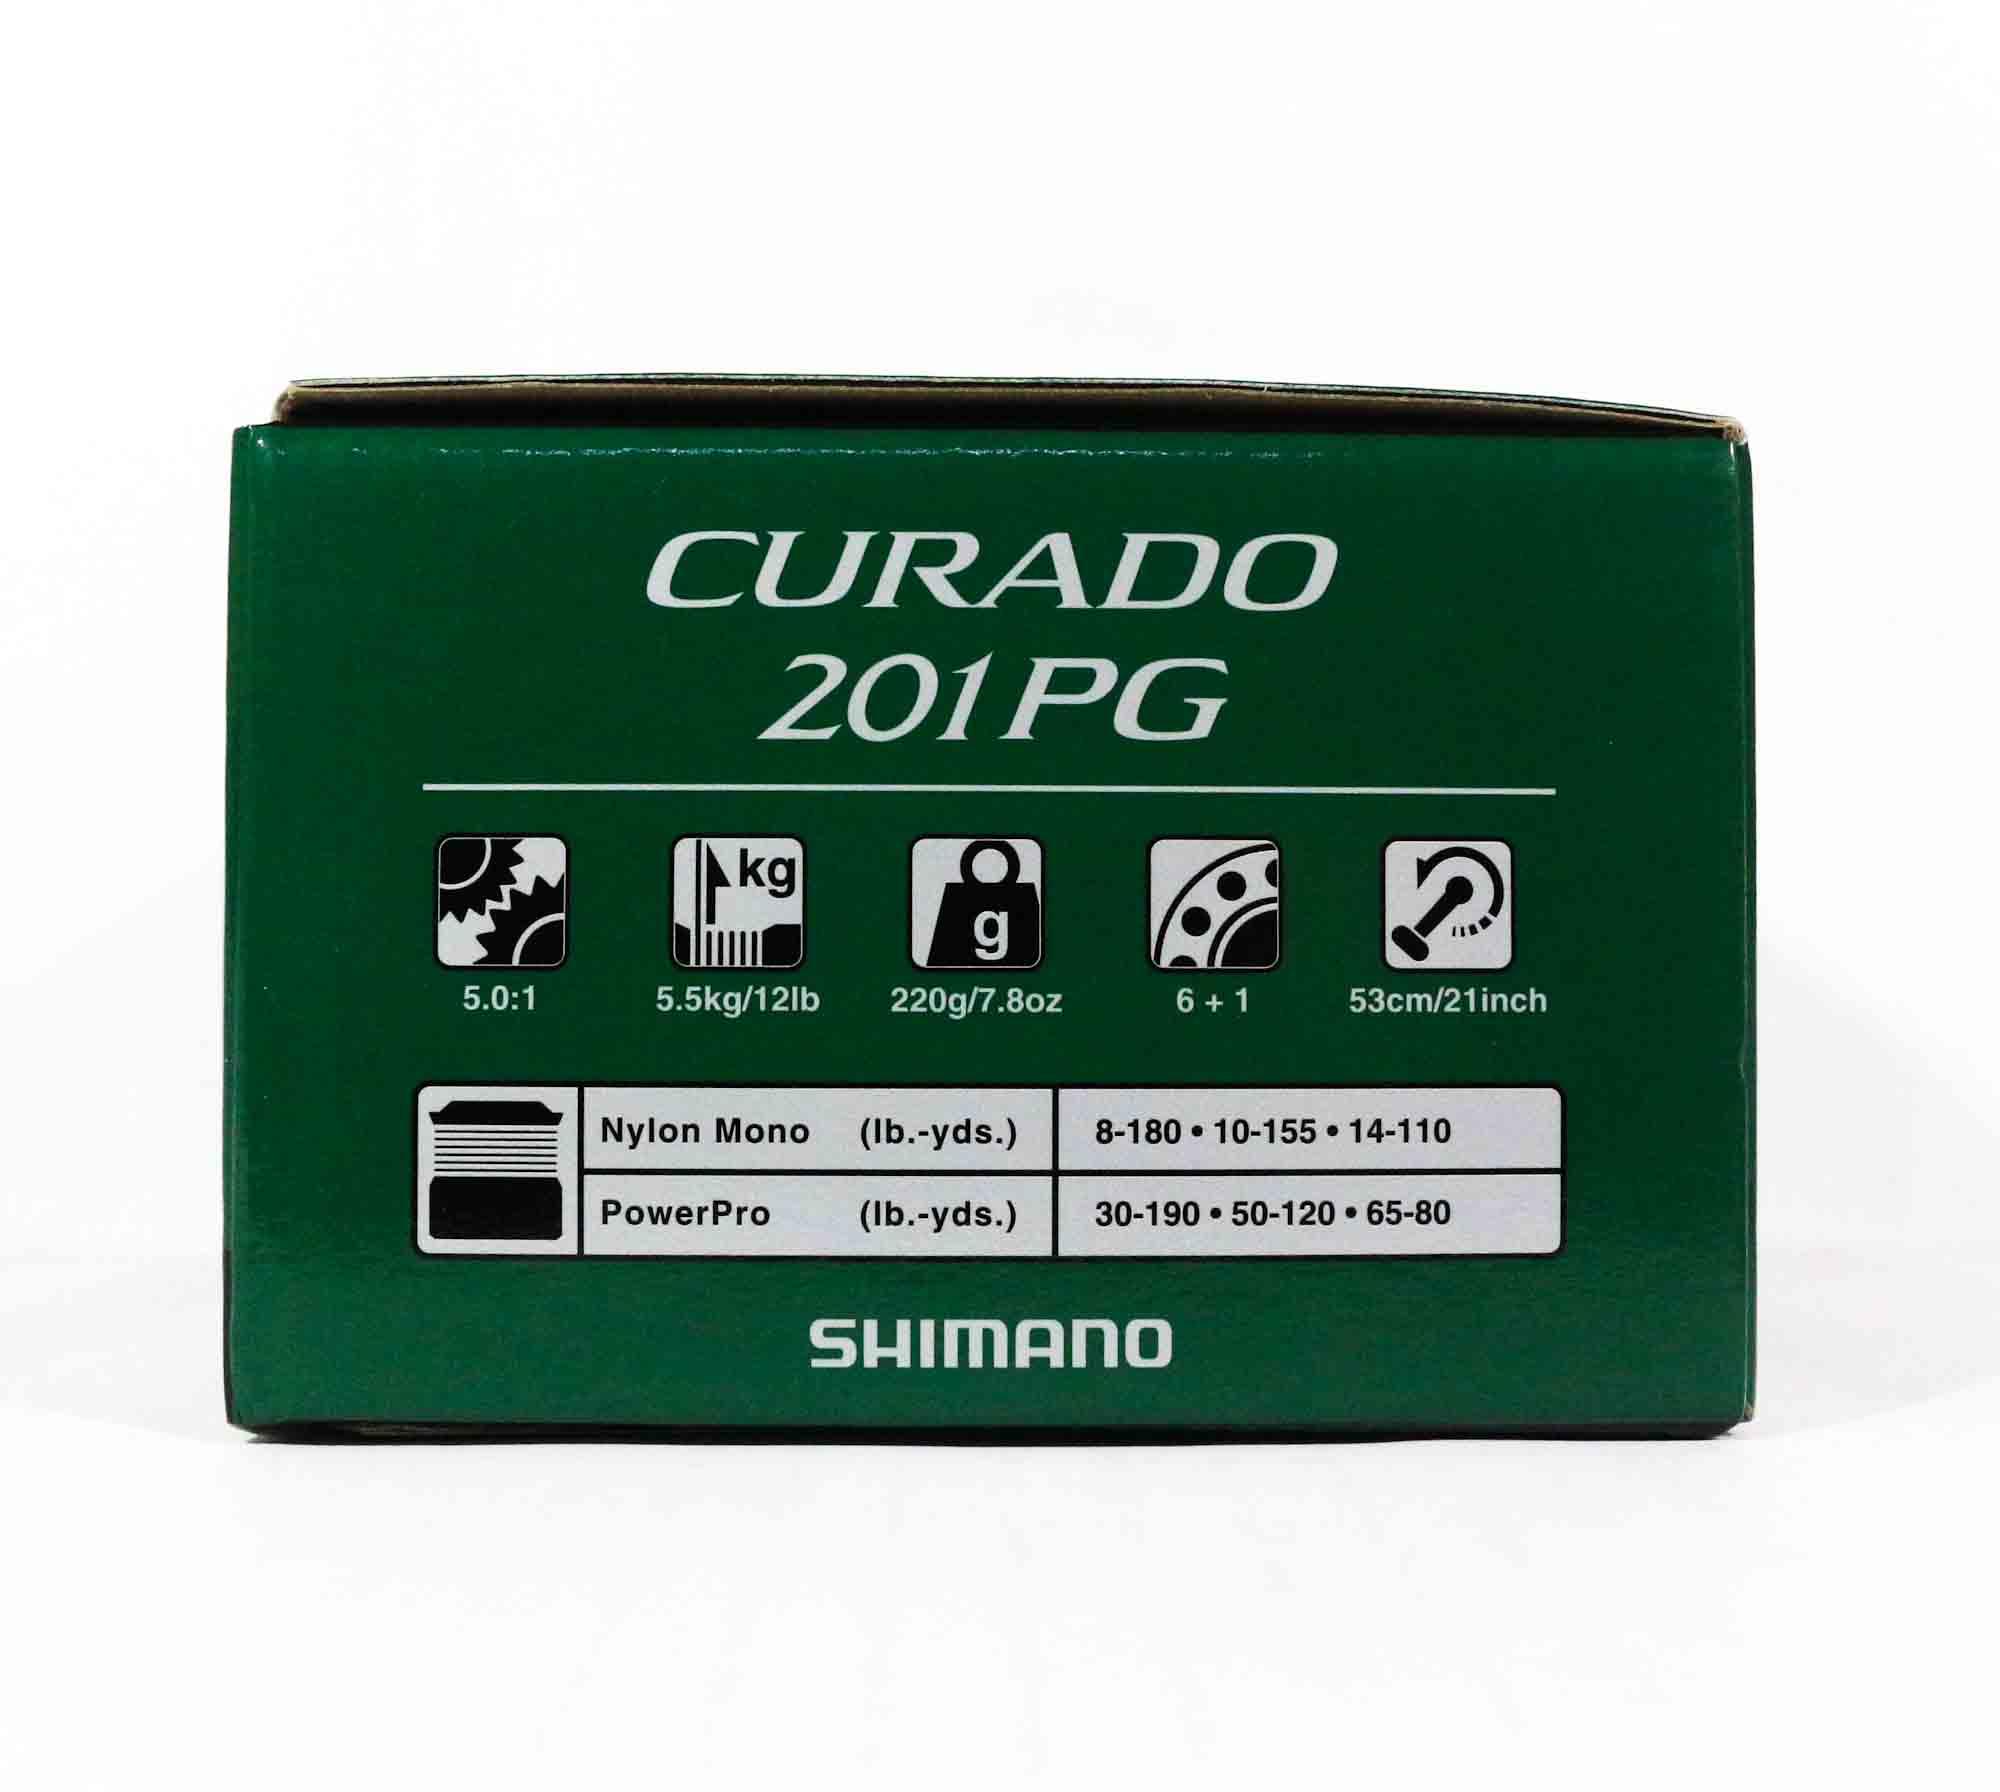 Shimano Reel Baitcast Curado 201 PG CU201PGK Left Hand (7184)